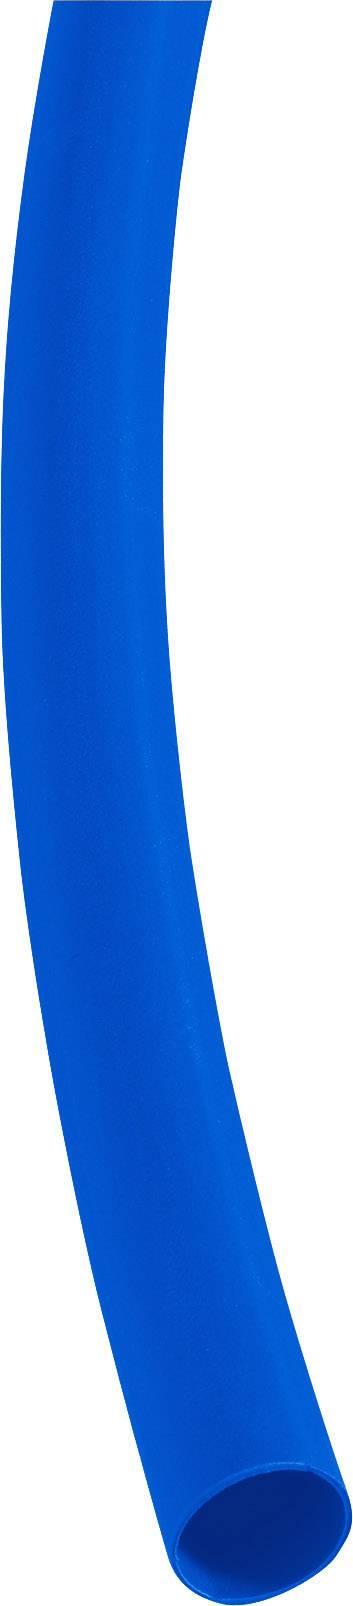 Smršťovací bužírka 3/1 mm, modrá